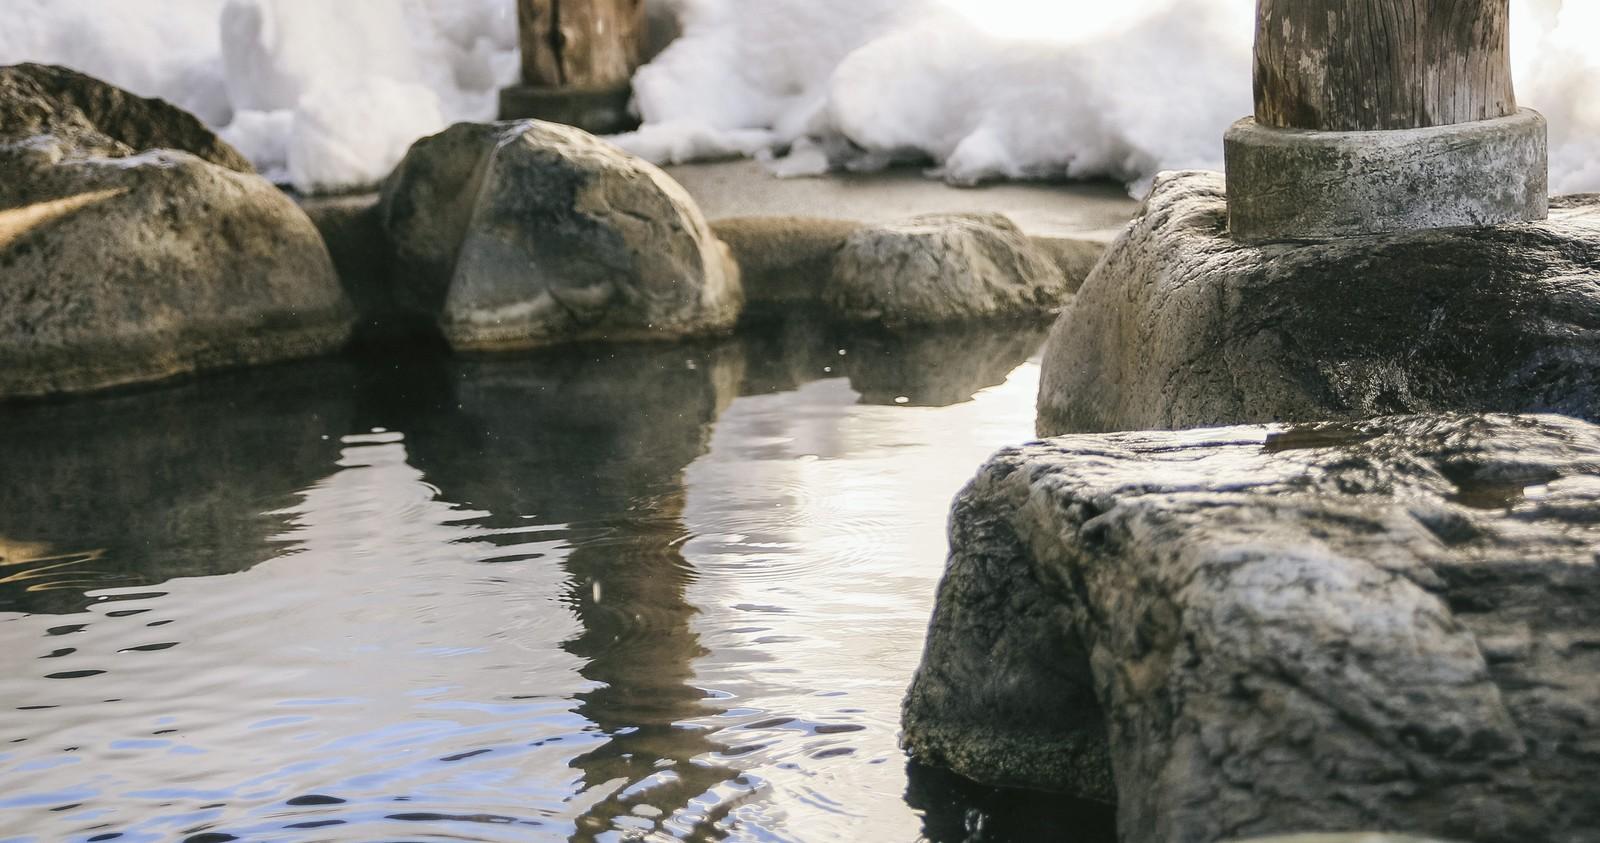 城崎温泉で日帰り入浴!おすすめプランは?貸切風呂や美味しいランチも!